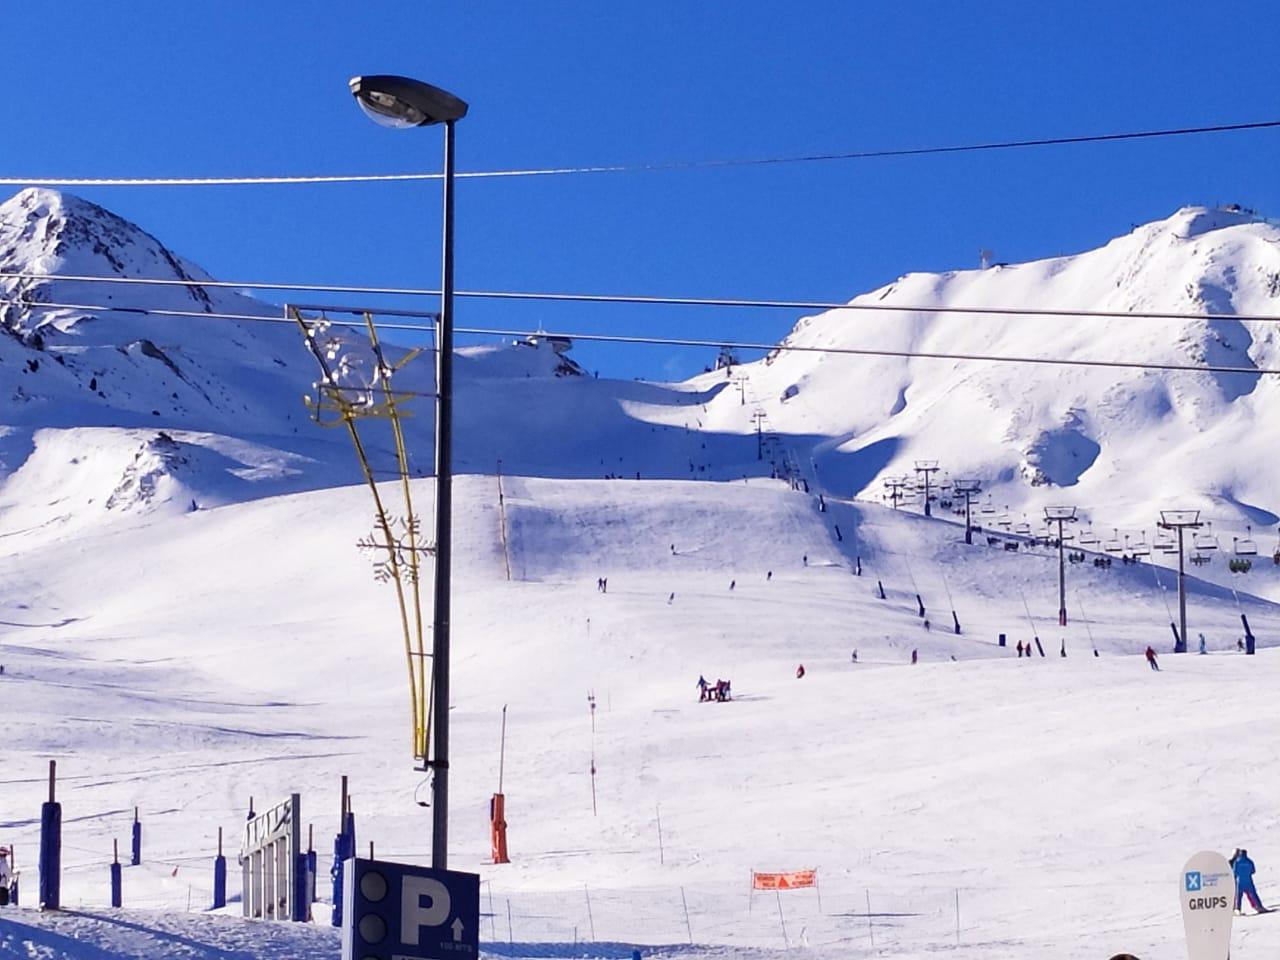 Servei de bus gratuït Fins el 23 de desembre i per facilitar l'accés a El Domini de la Neu, es manté el servei de bus gratuït d'enllaç entre els sectors Canillo i Grau Roig pels esquiadors que presentin el forfet de dia o de temporada. El servei s'activarà a partir de les8:30 hi tindrà una freqüència de pas de mitja hora i parada en tots els sectors de Grandvalira excepte el sector Pas de la Casa. L'última sortida serà a les17:30 hdes de Grau Roig.